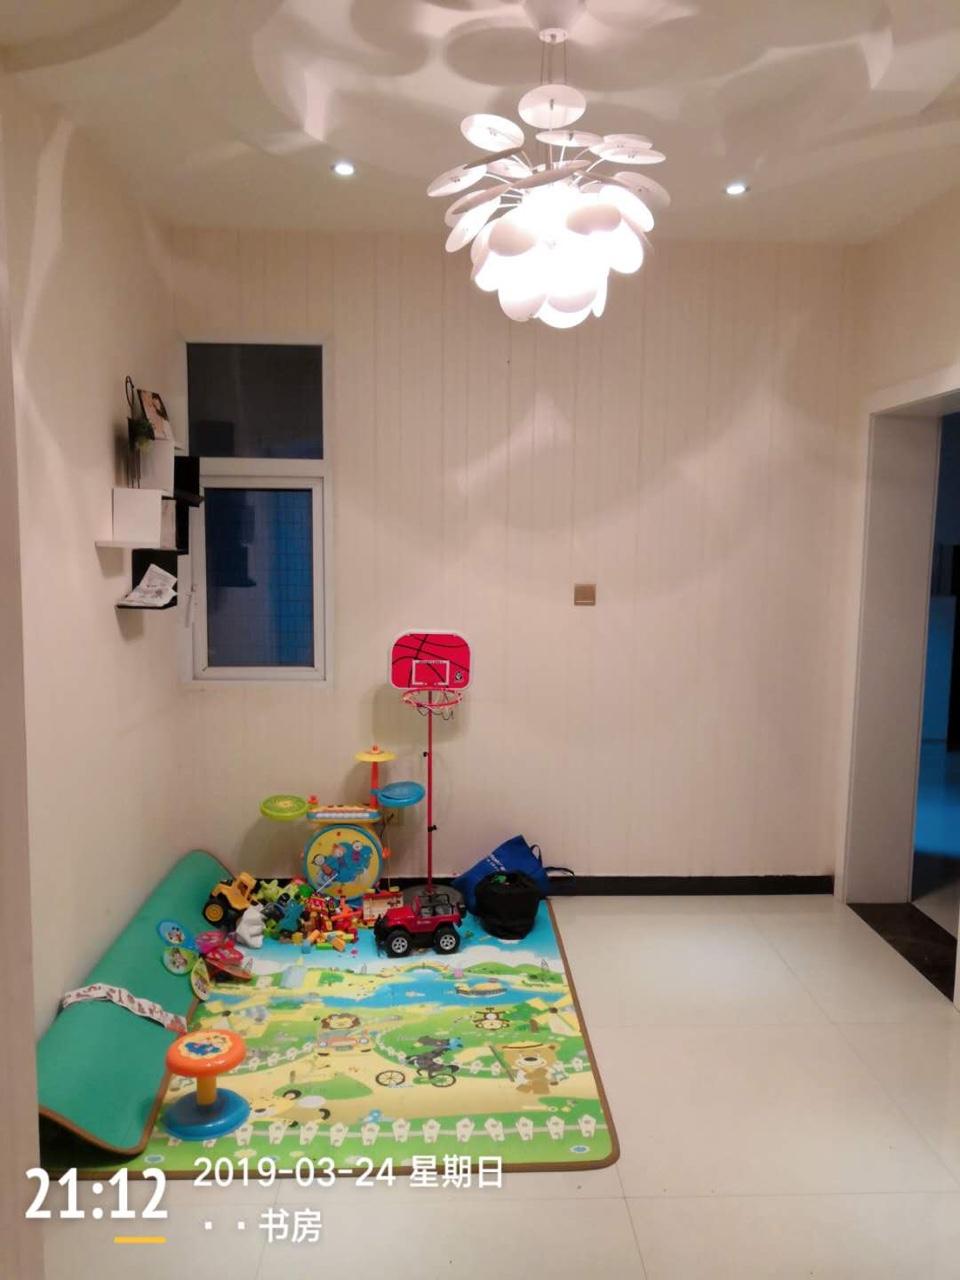 阳光花园3室2厅2卫68.8万元